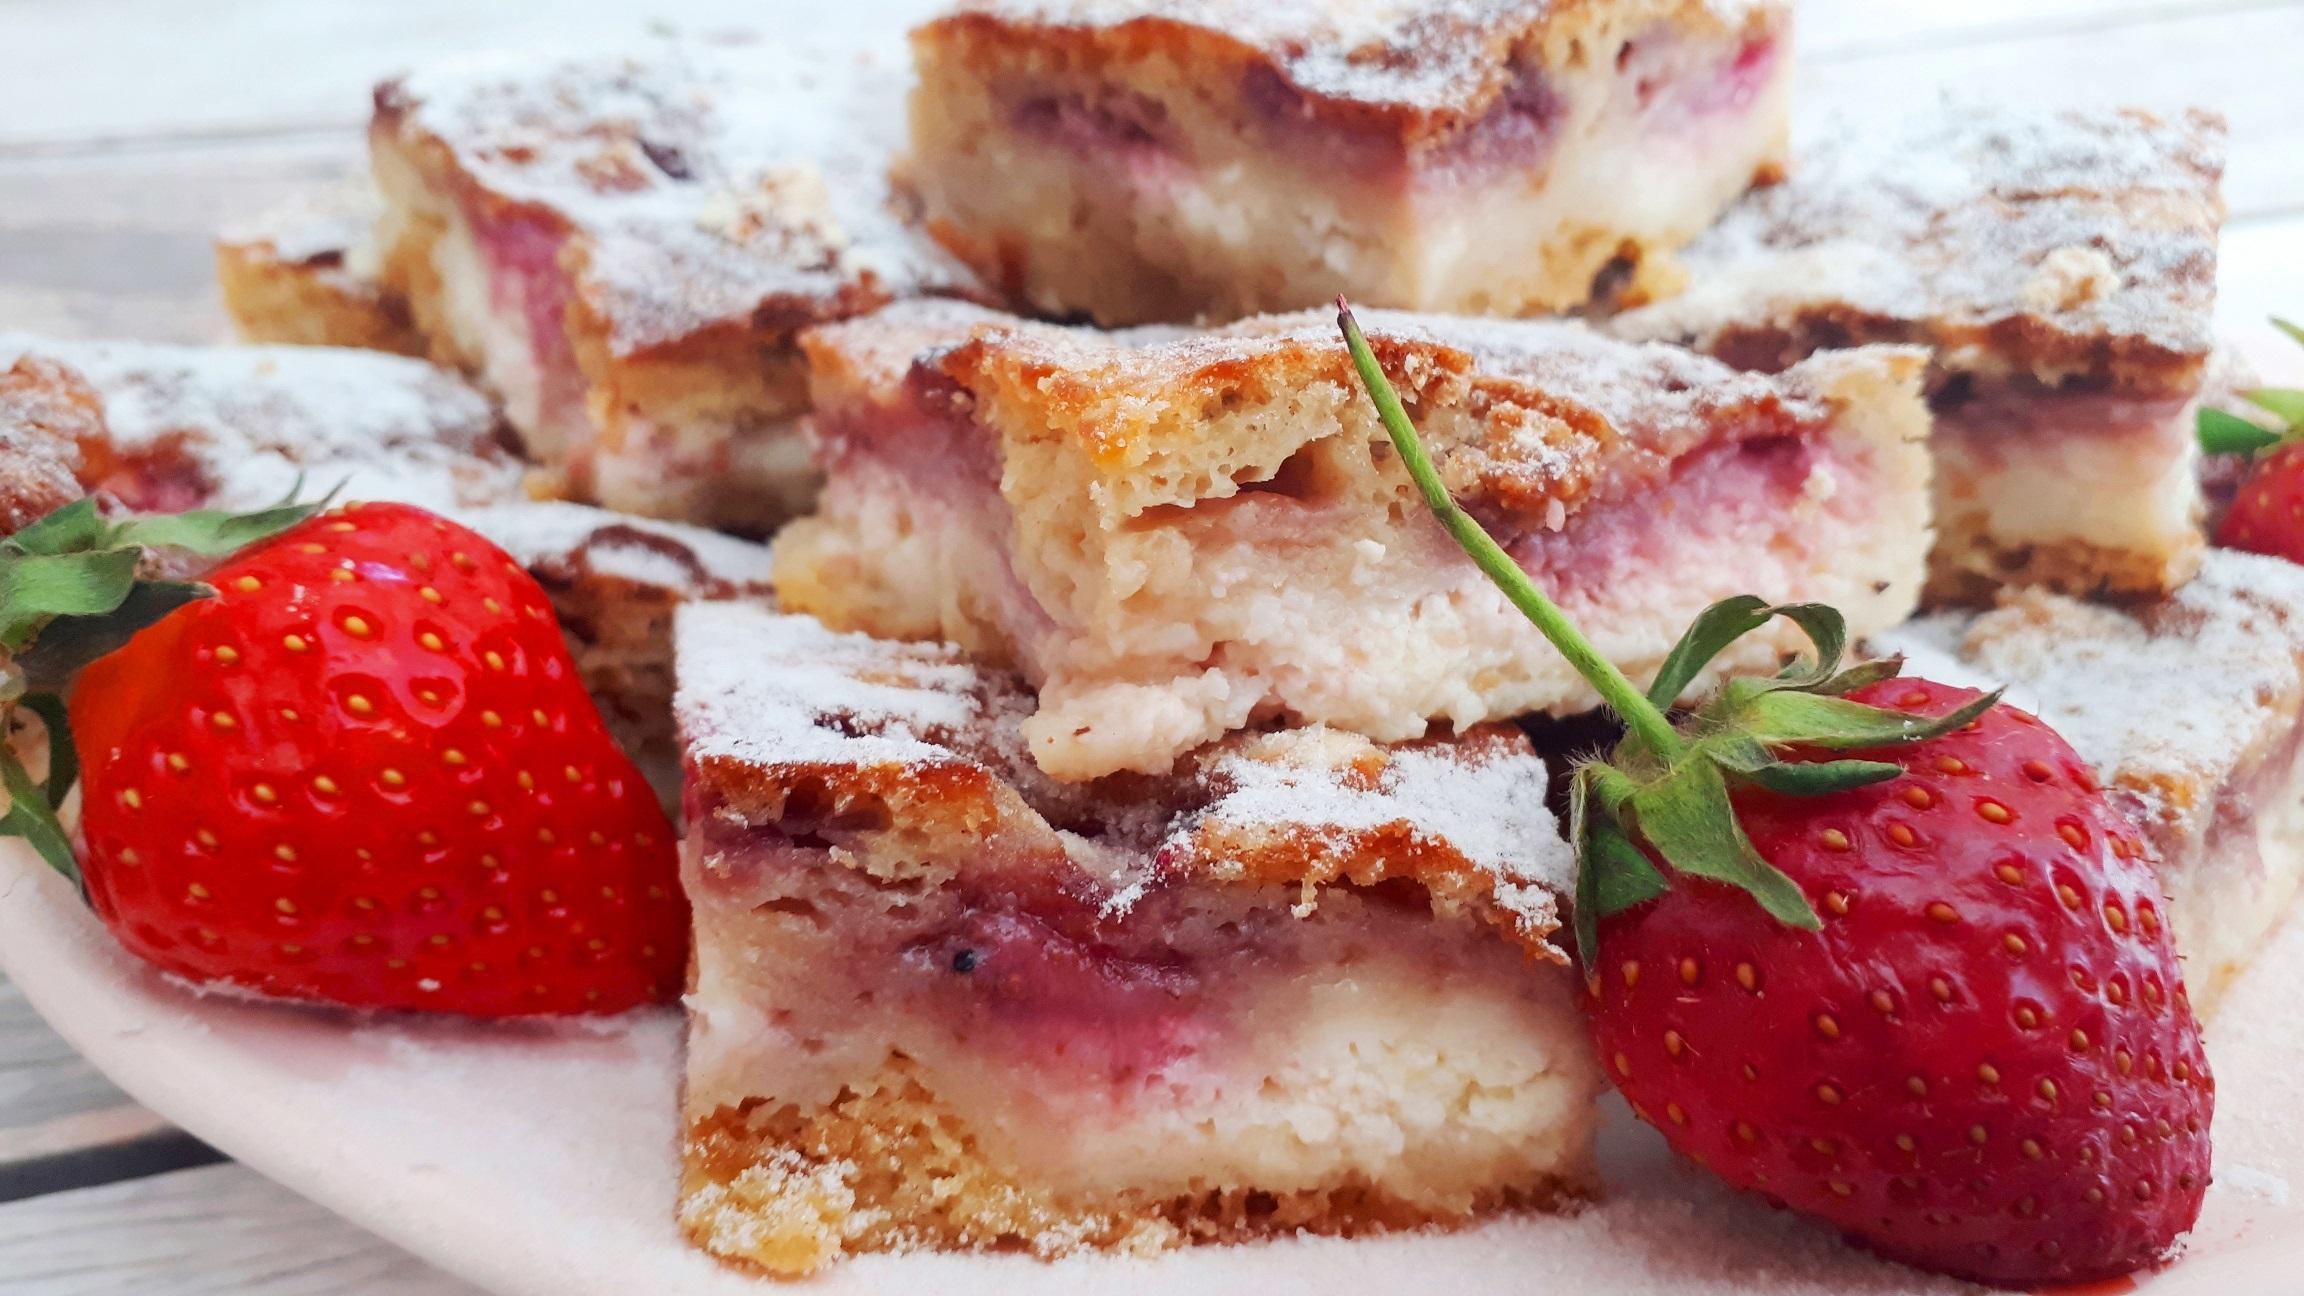 Lusta asszony 5 perces diétás túrós süti receptje Dia Wellness szénhidrátcsökkentett lisztből, cukor nélkül